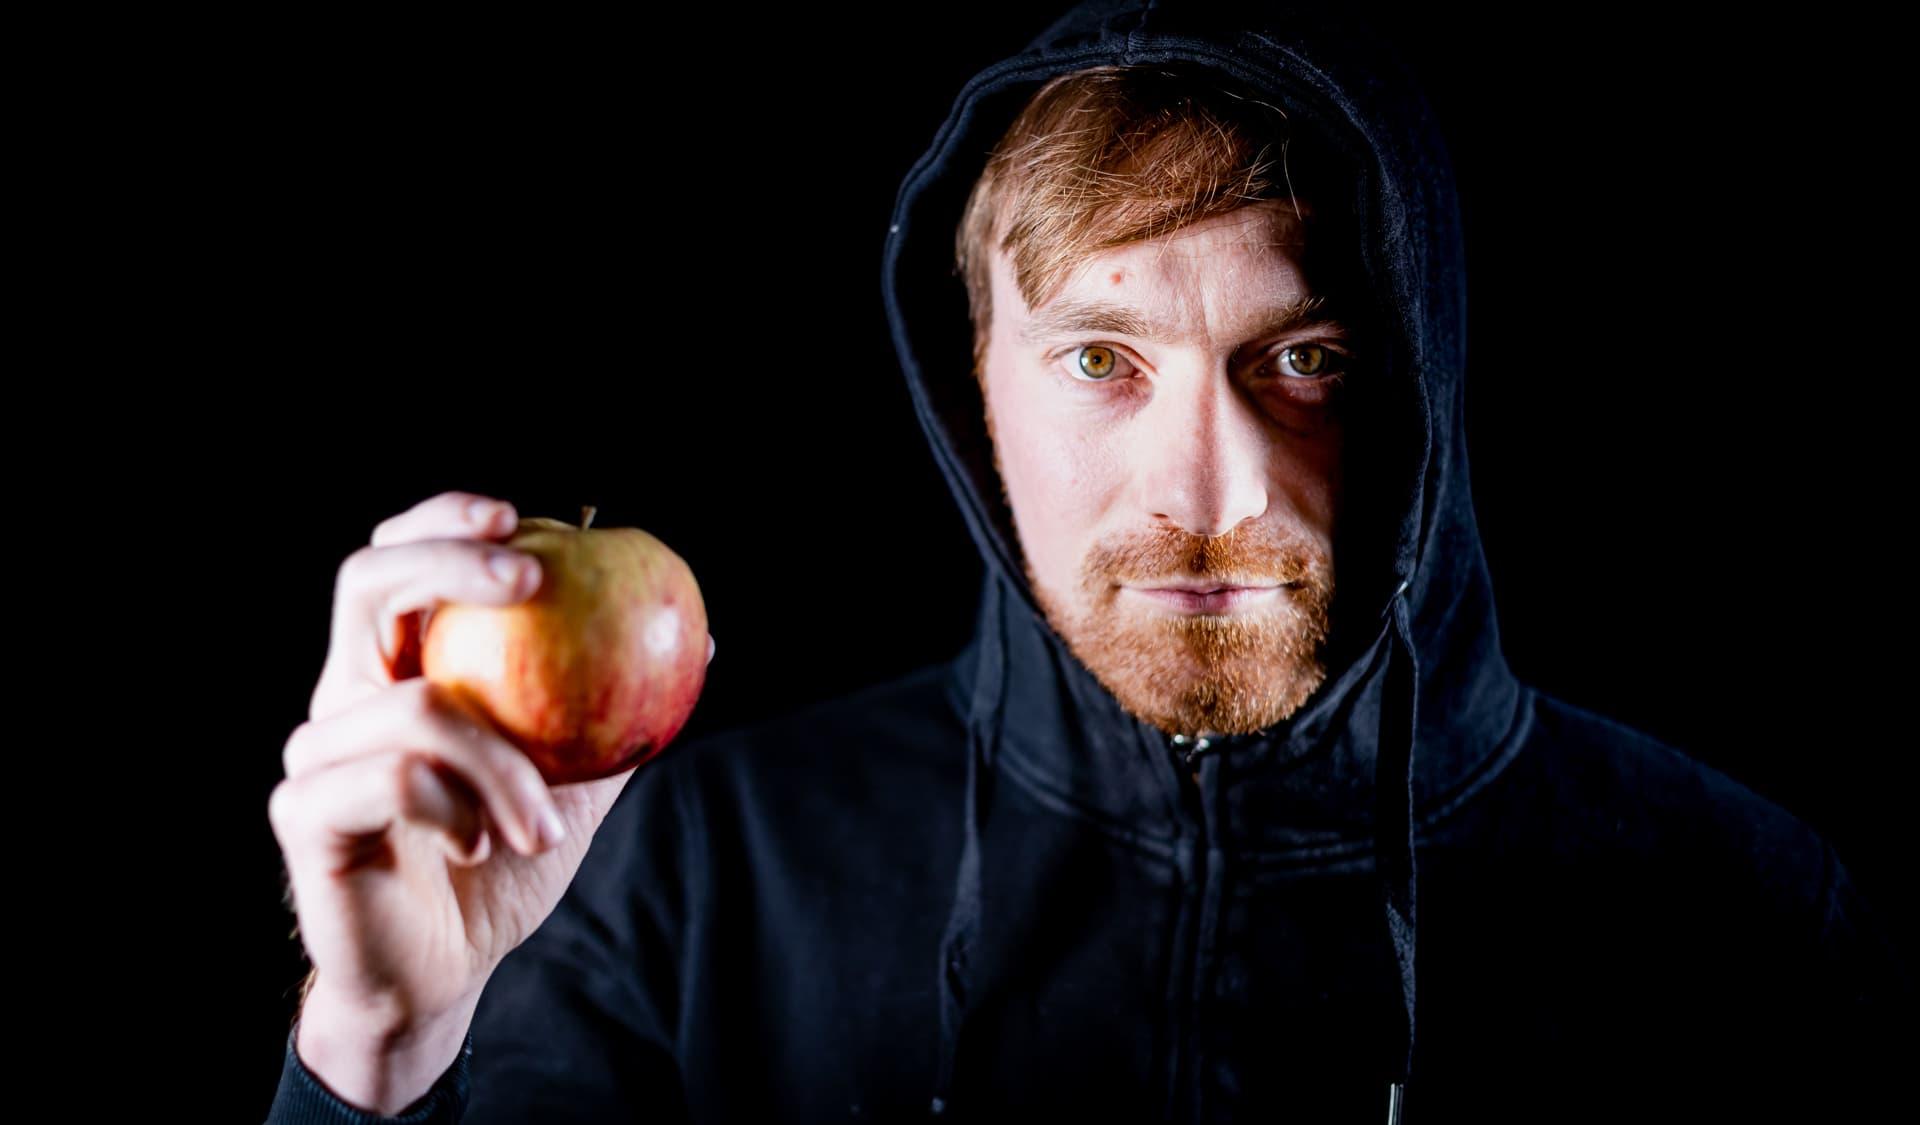 Umweltaktivist Karl Bär hält einen Apfel demonstrativ in der Hand